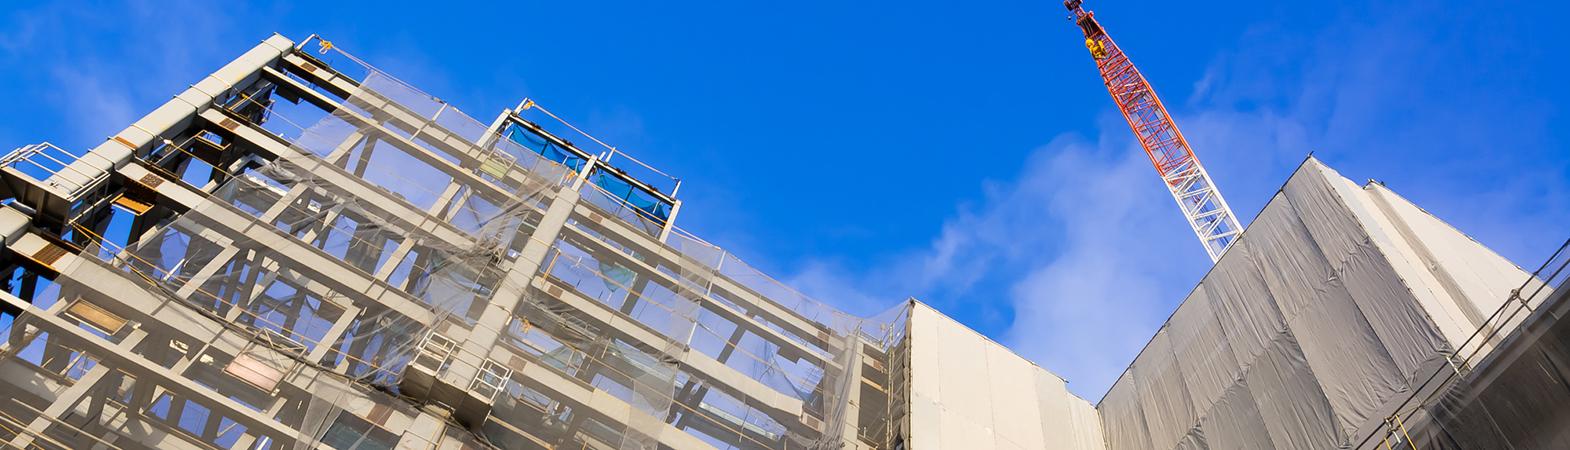 集合住宅・商業施設の施工管理